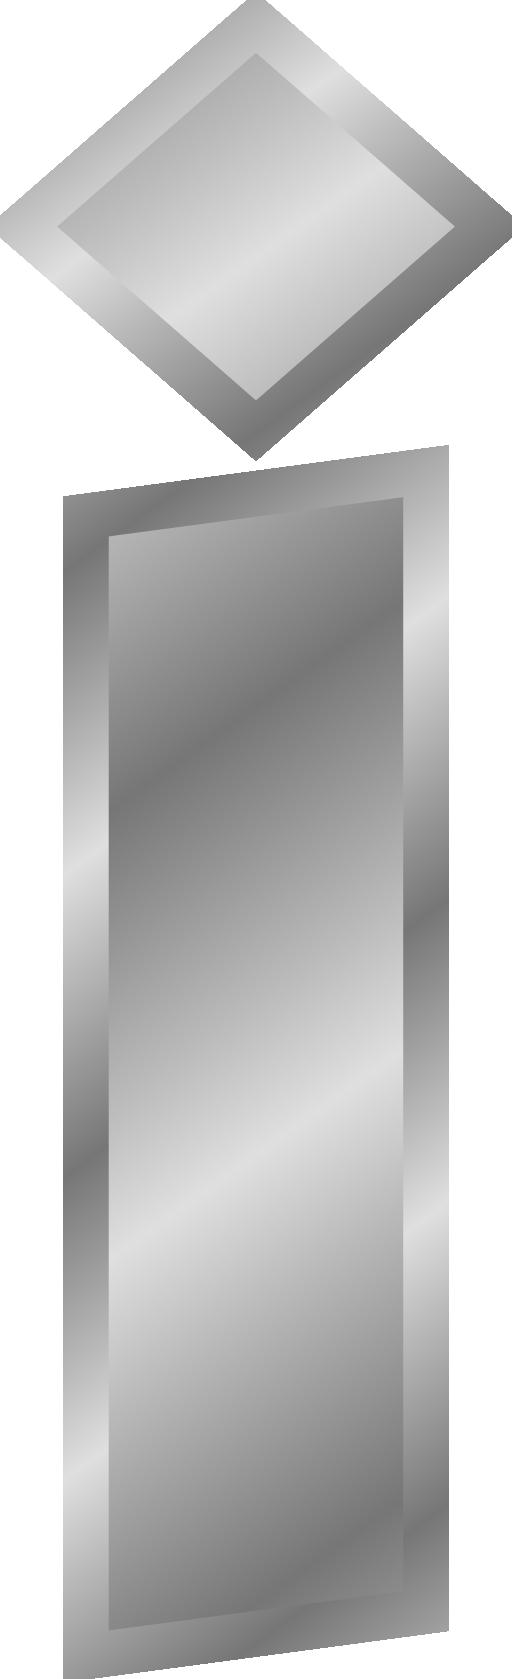 Effect Letters Alphabet Silver Clipart.